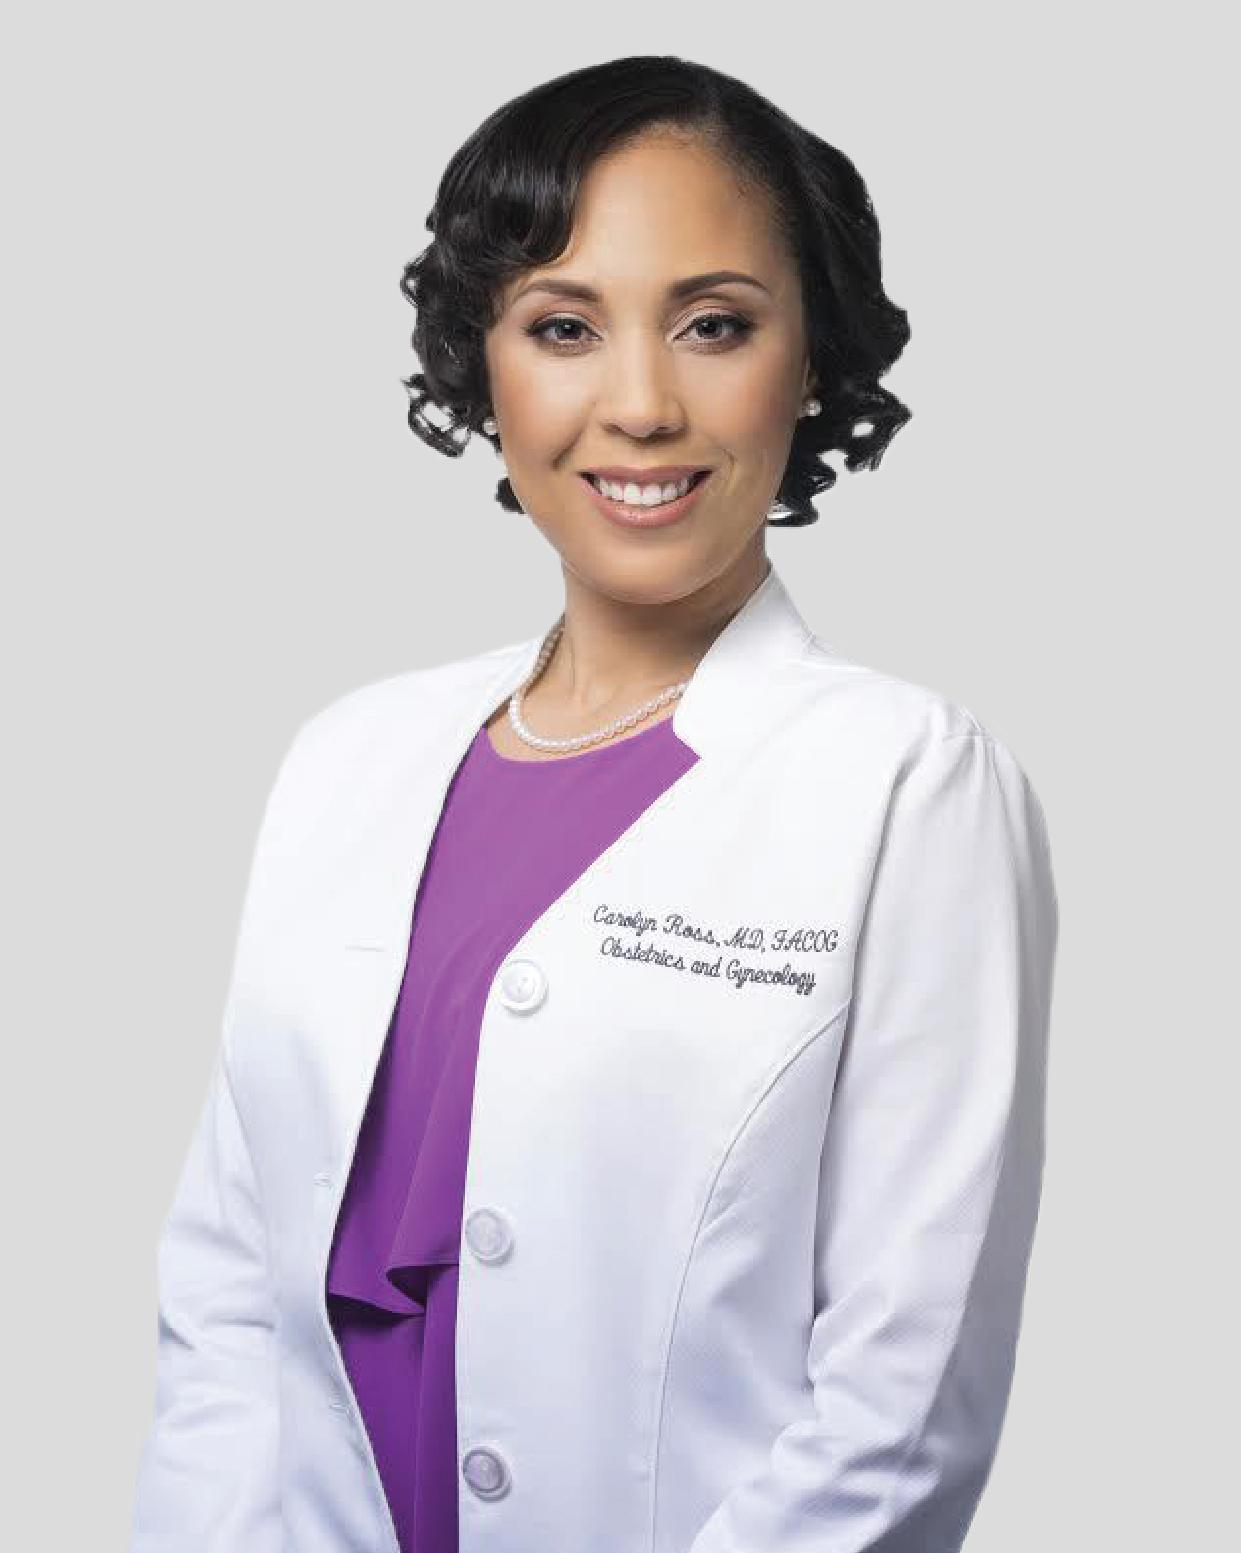 Carolyn Ross Riley, MD